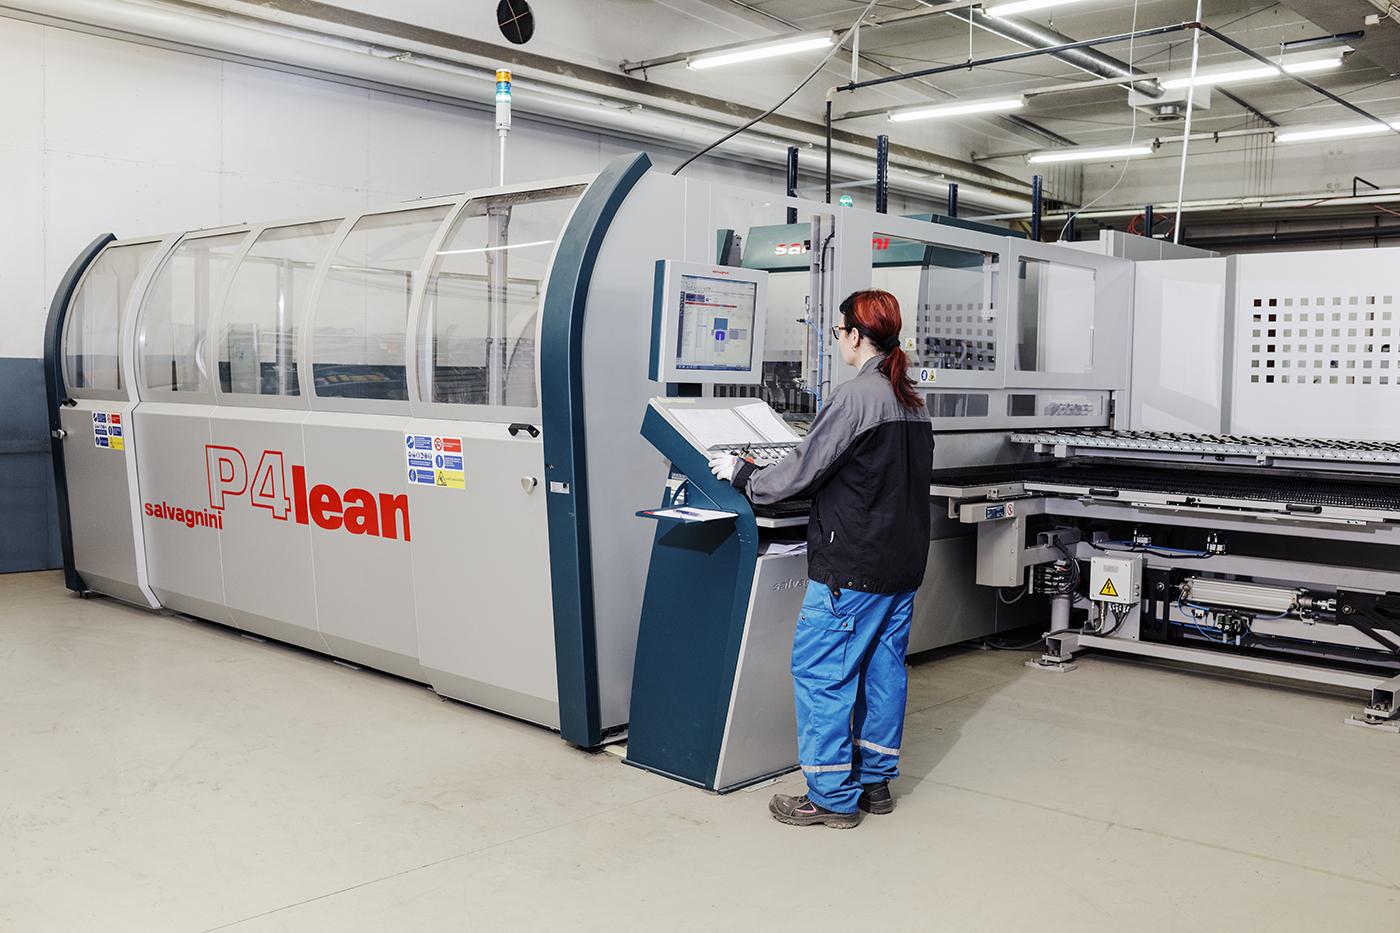 Elsteelin uuden taivutusautomaatin myötä työskentely on mielekkäämpää ja tuotanto tehokkaampaa. Työn touhussa Annu Uusi-Pohjola.